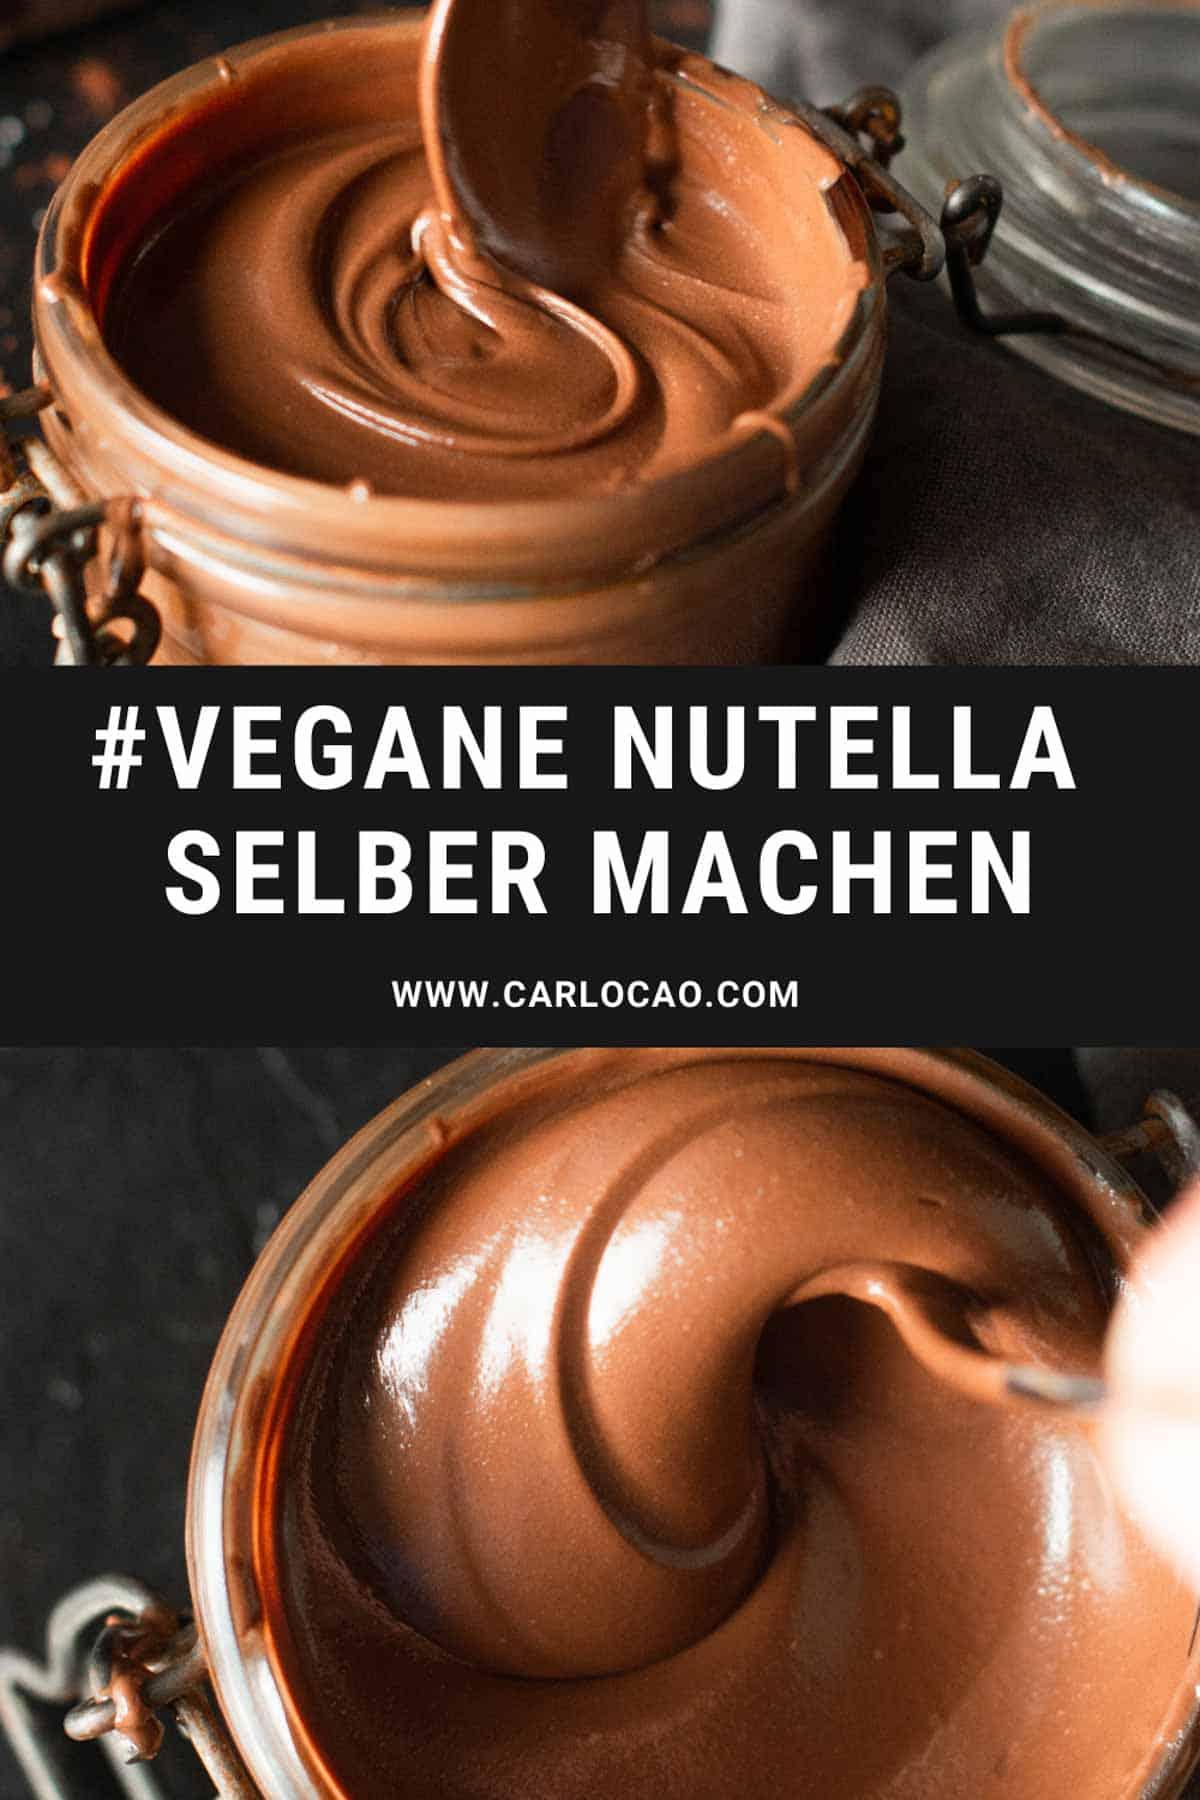 Bild von der Nutella